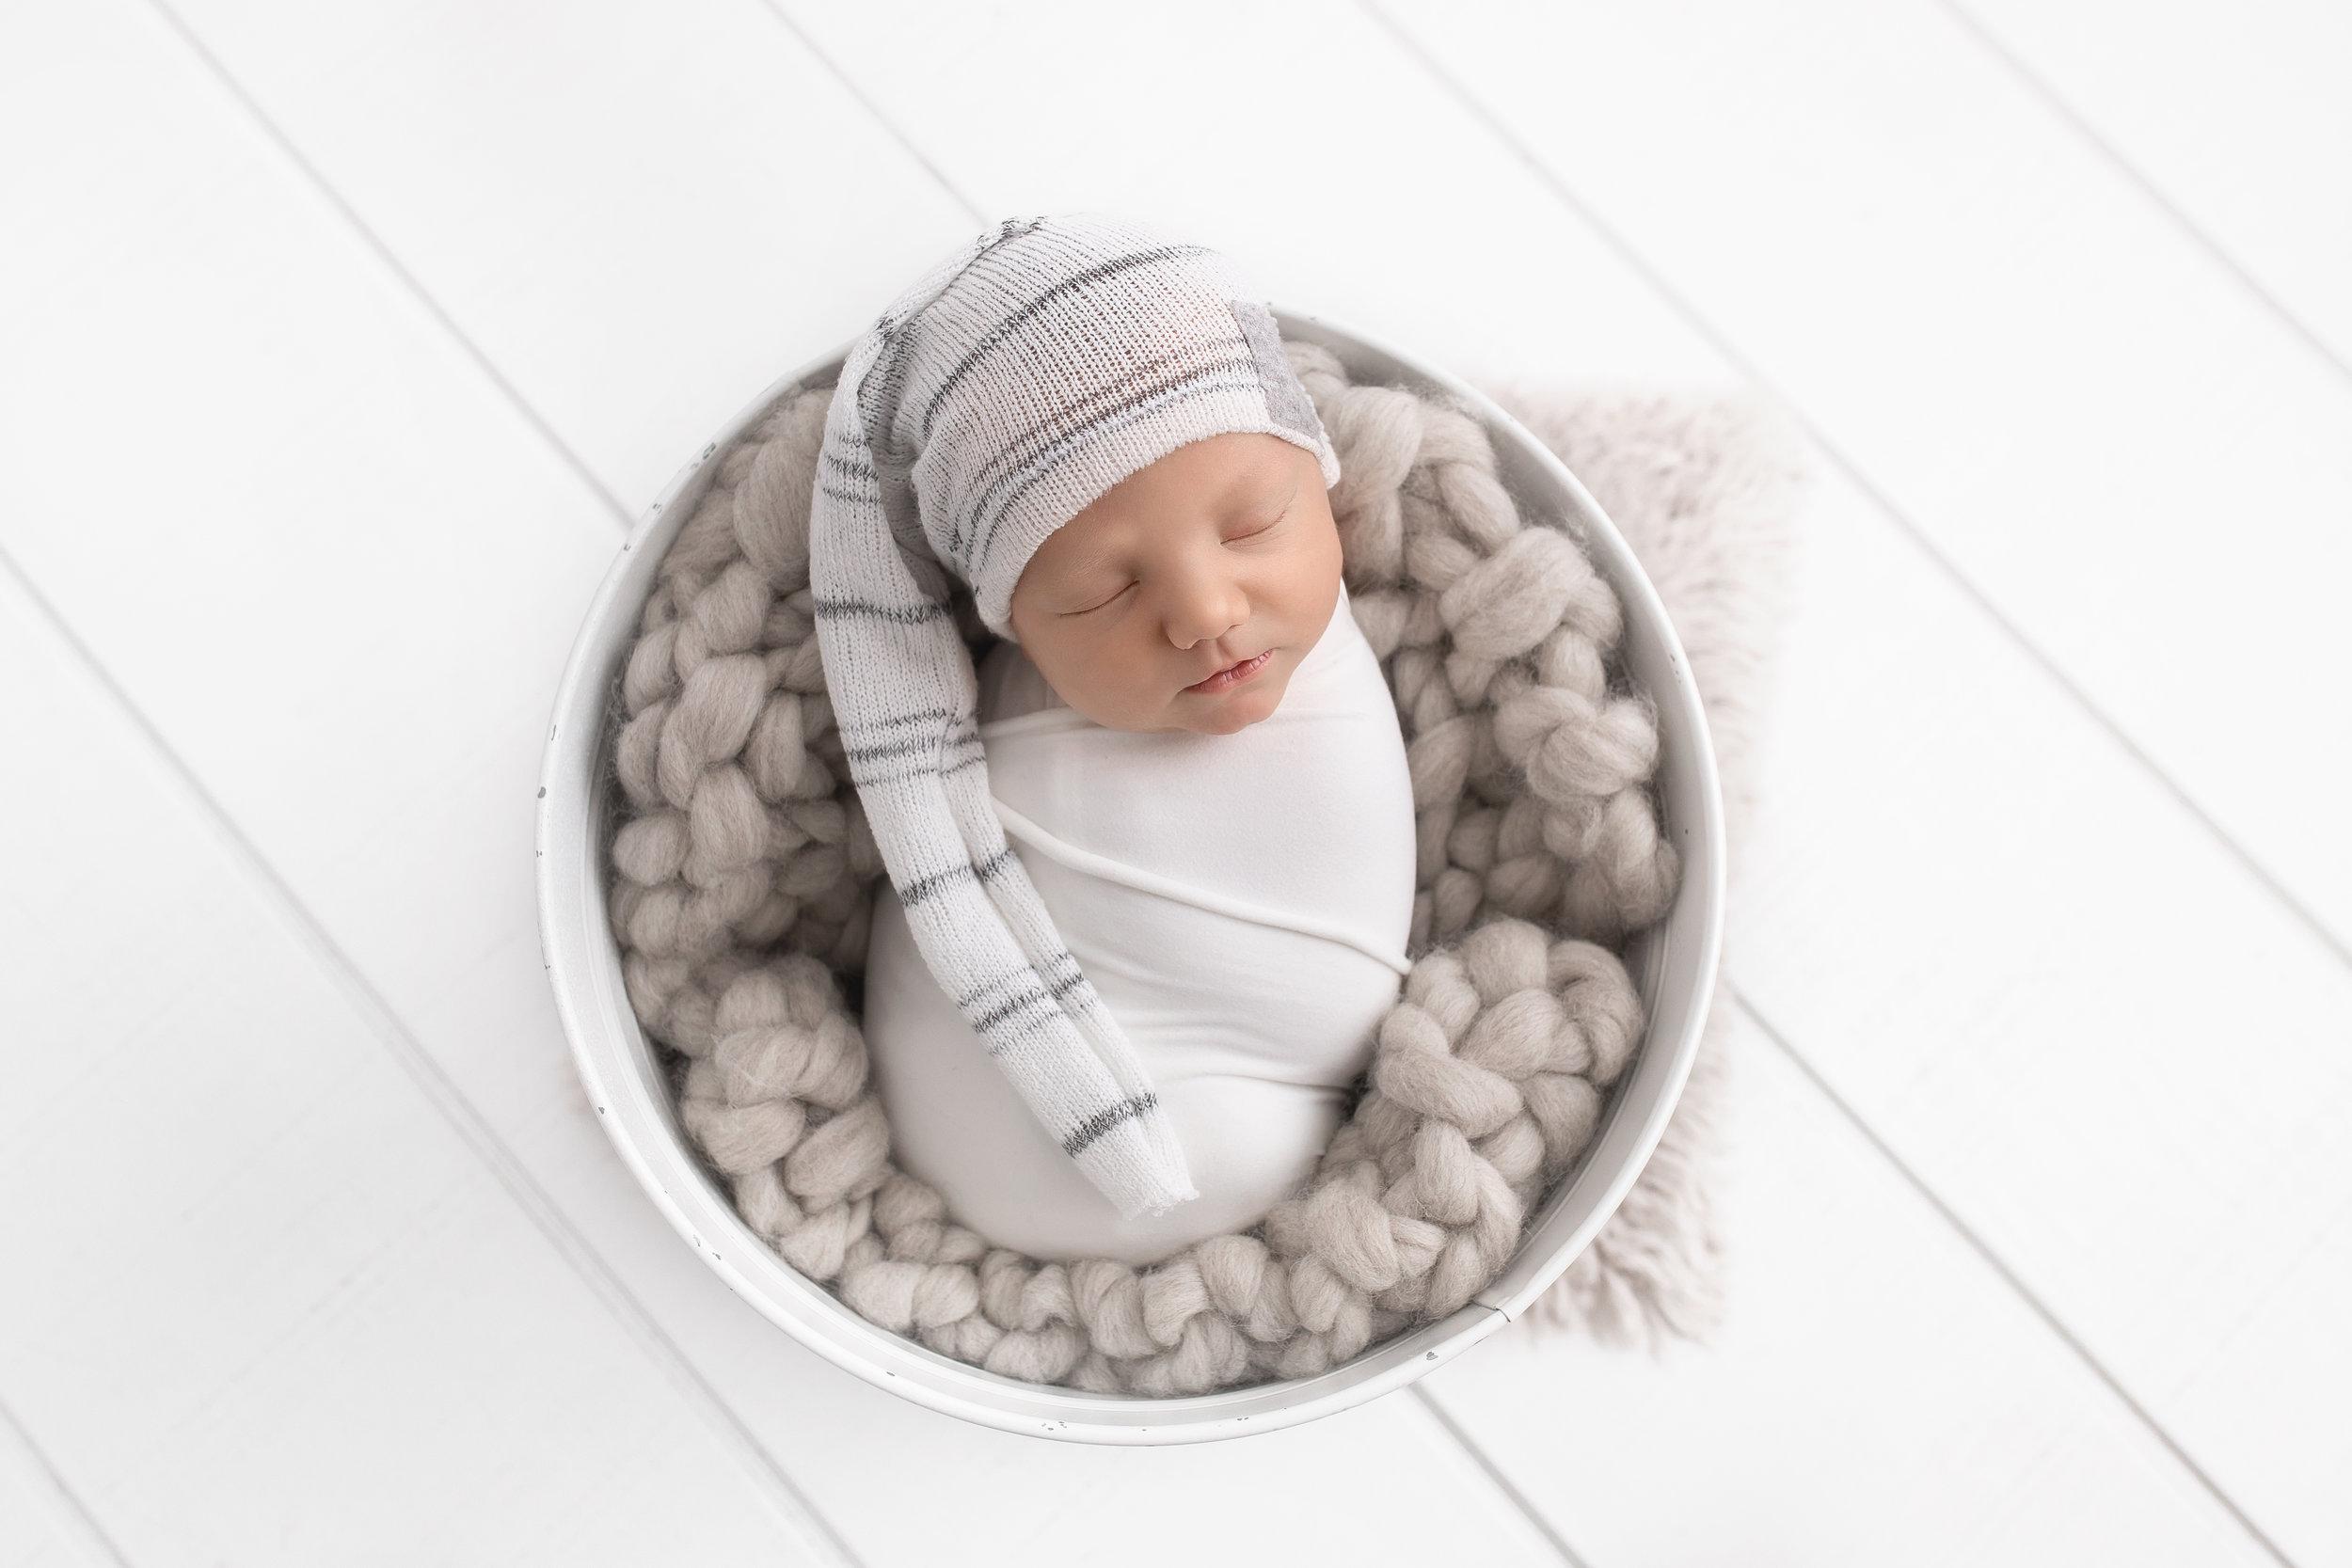 newborn photographer edmonton